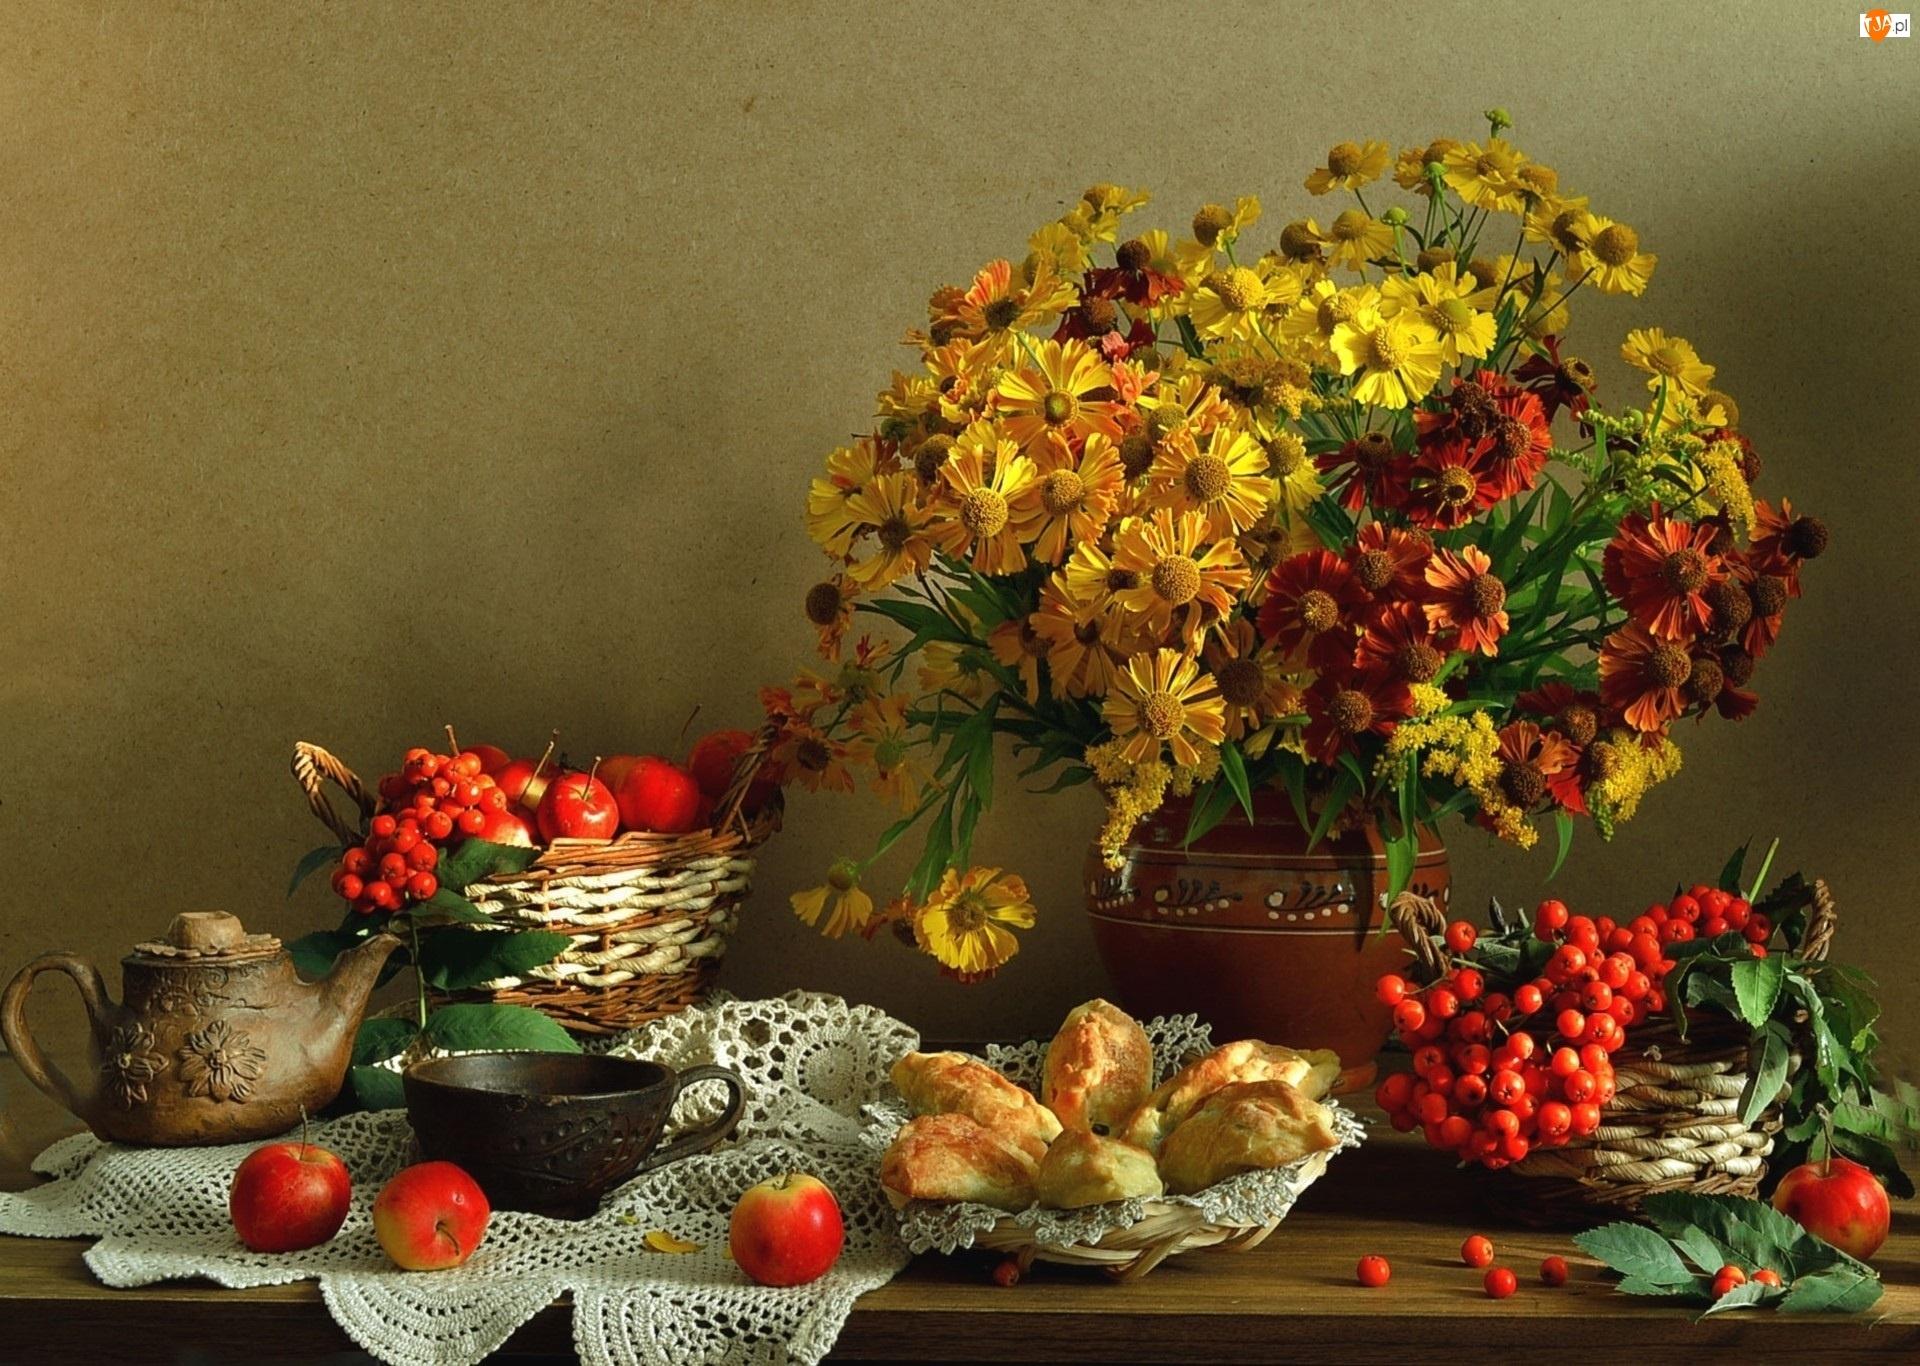 Kwiaty, Pieczywo, Bukiet, Owoce